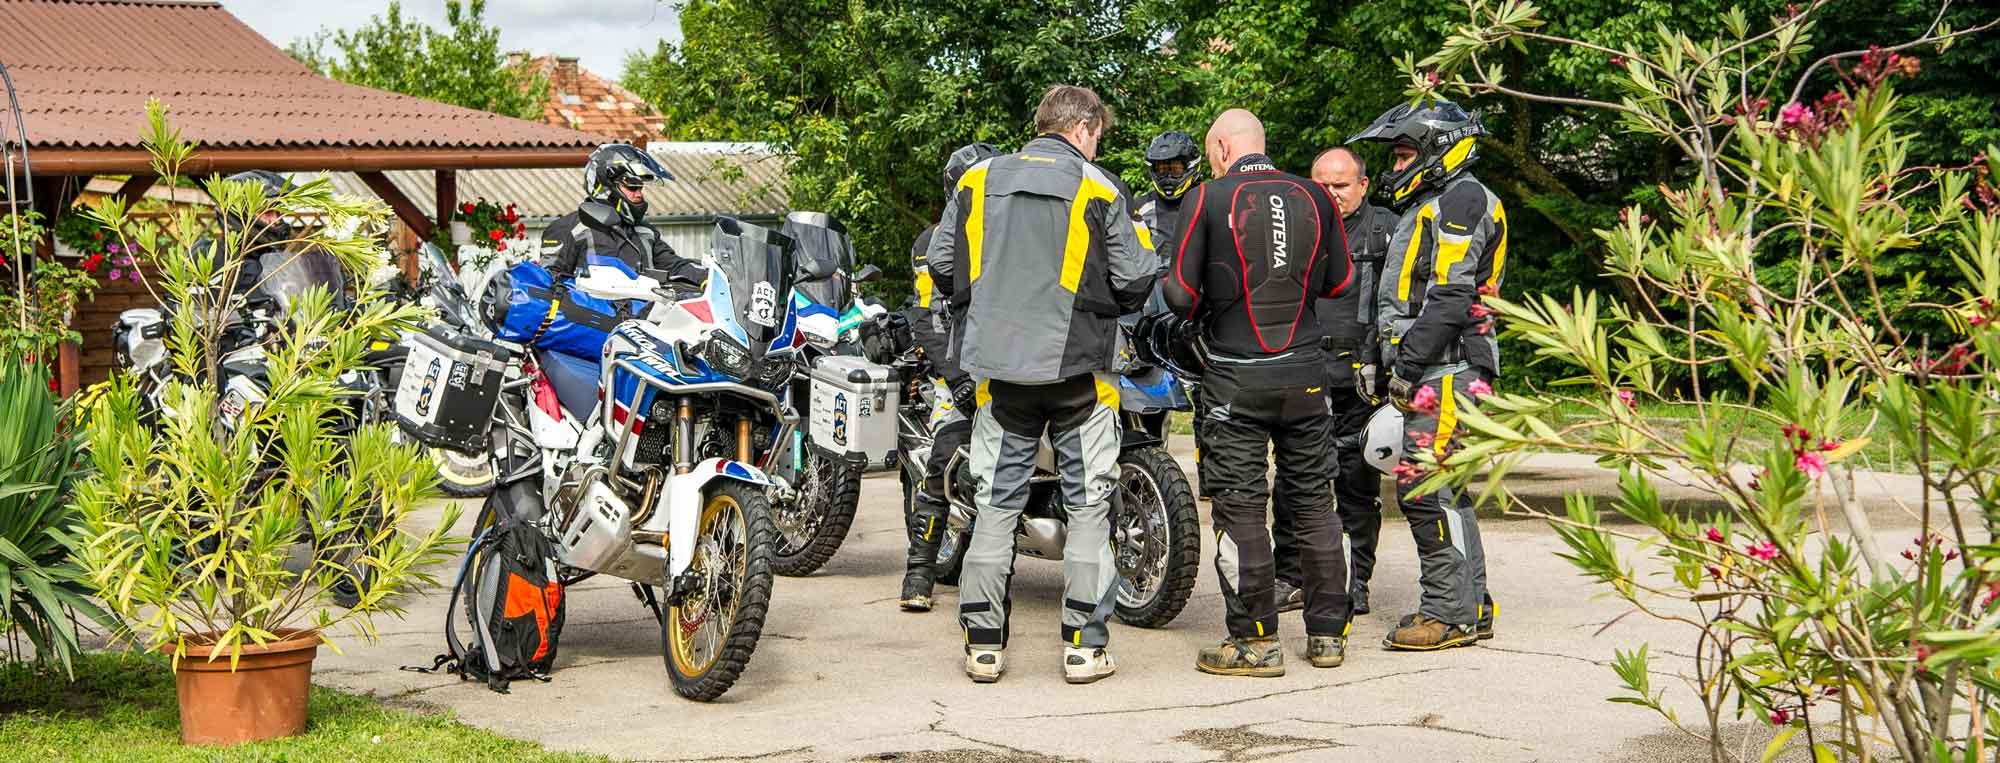 Prepara tu viaje en moto